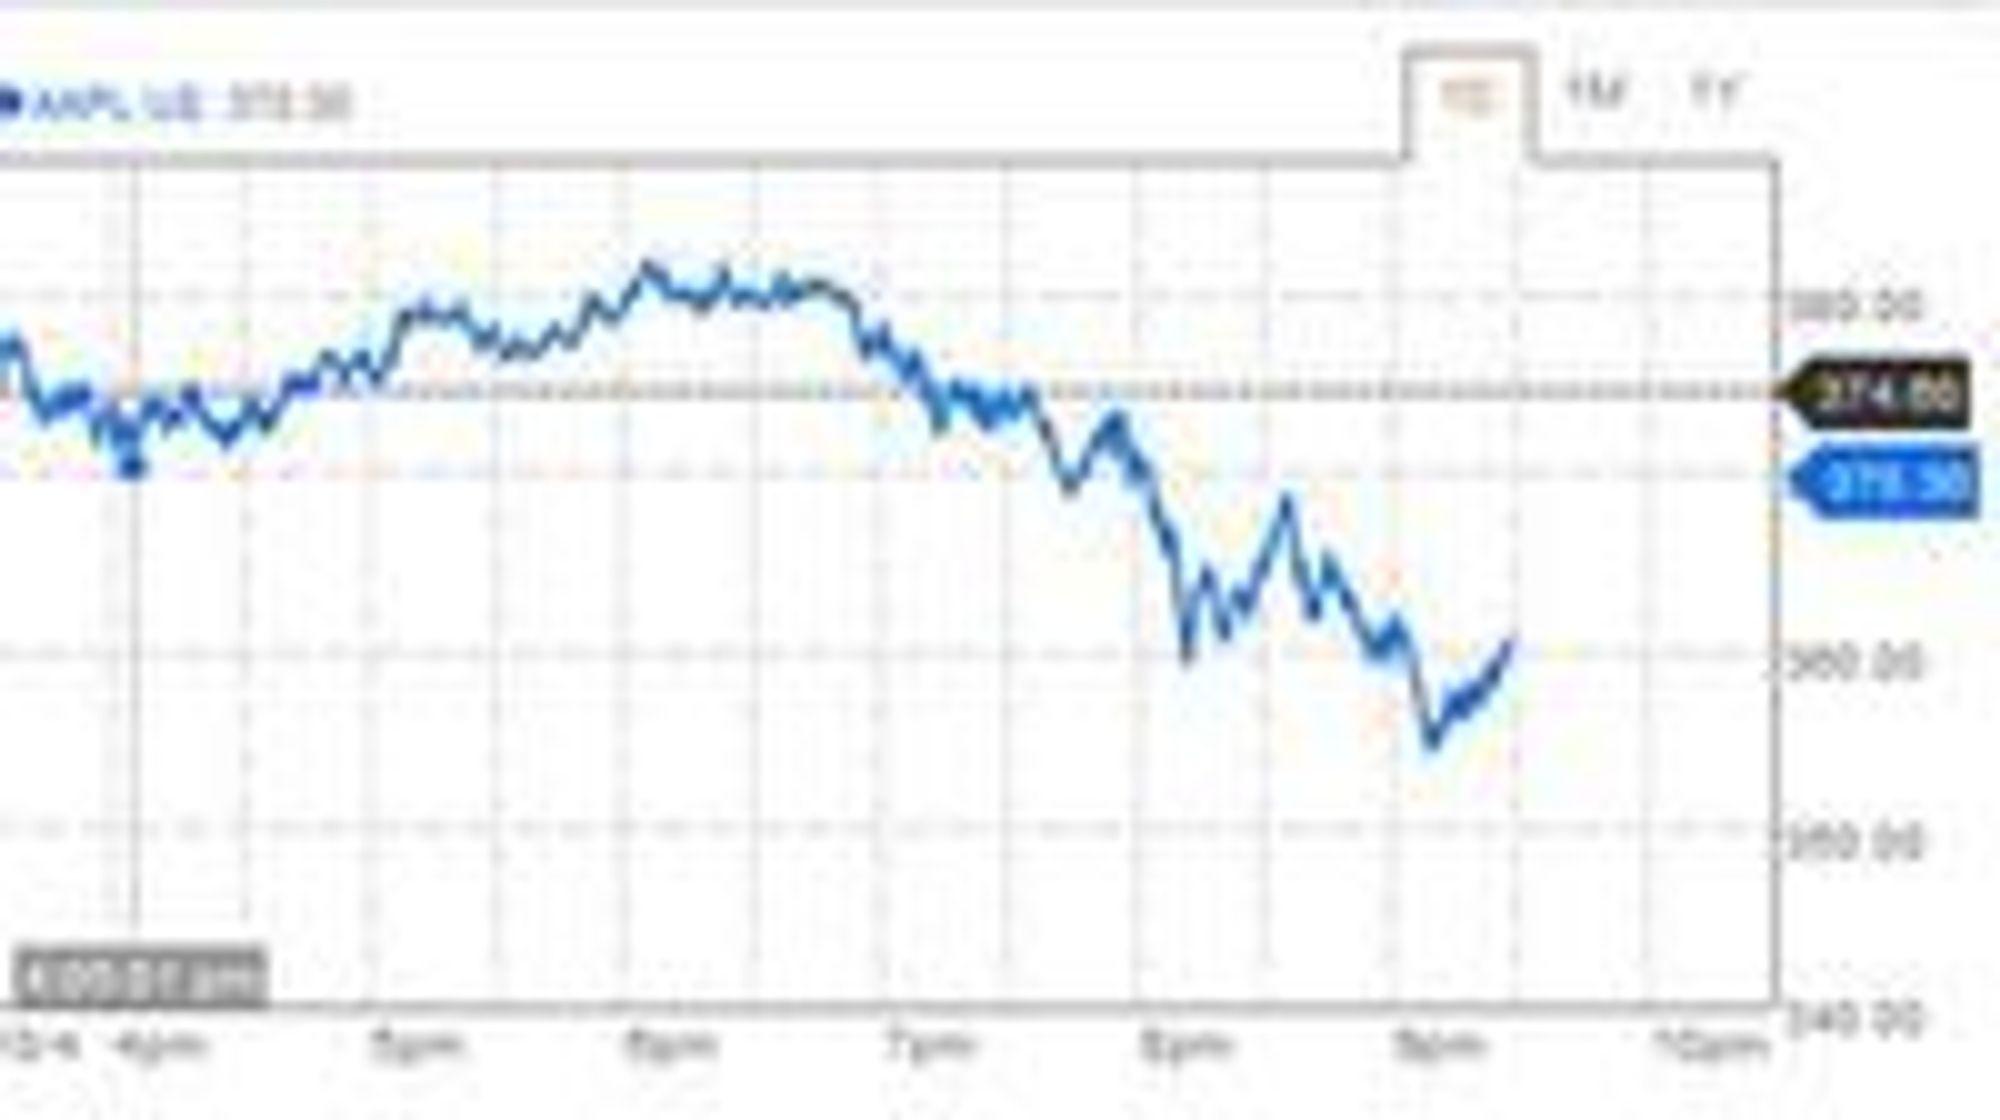 Aksjekursen til Apple falt kraftig etter at selskapet presenterte syn oppdaterte iPhone 4. Grafen er hentet fra Bloomberg.com